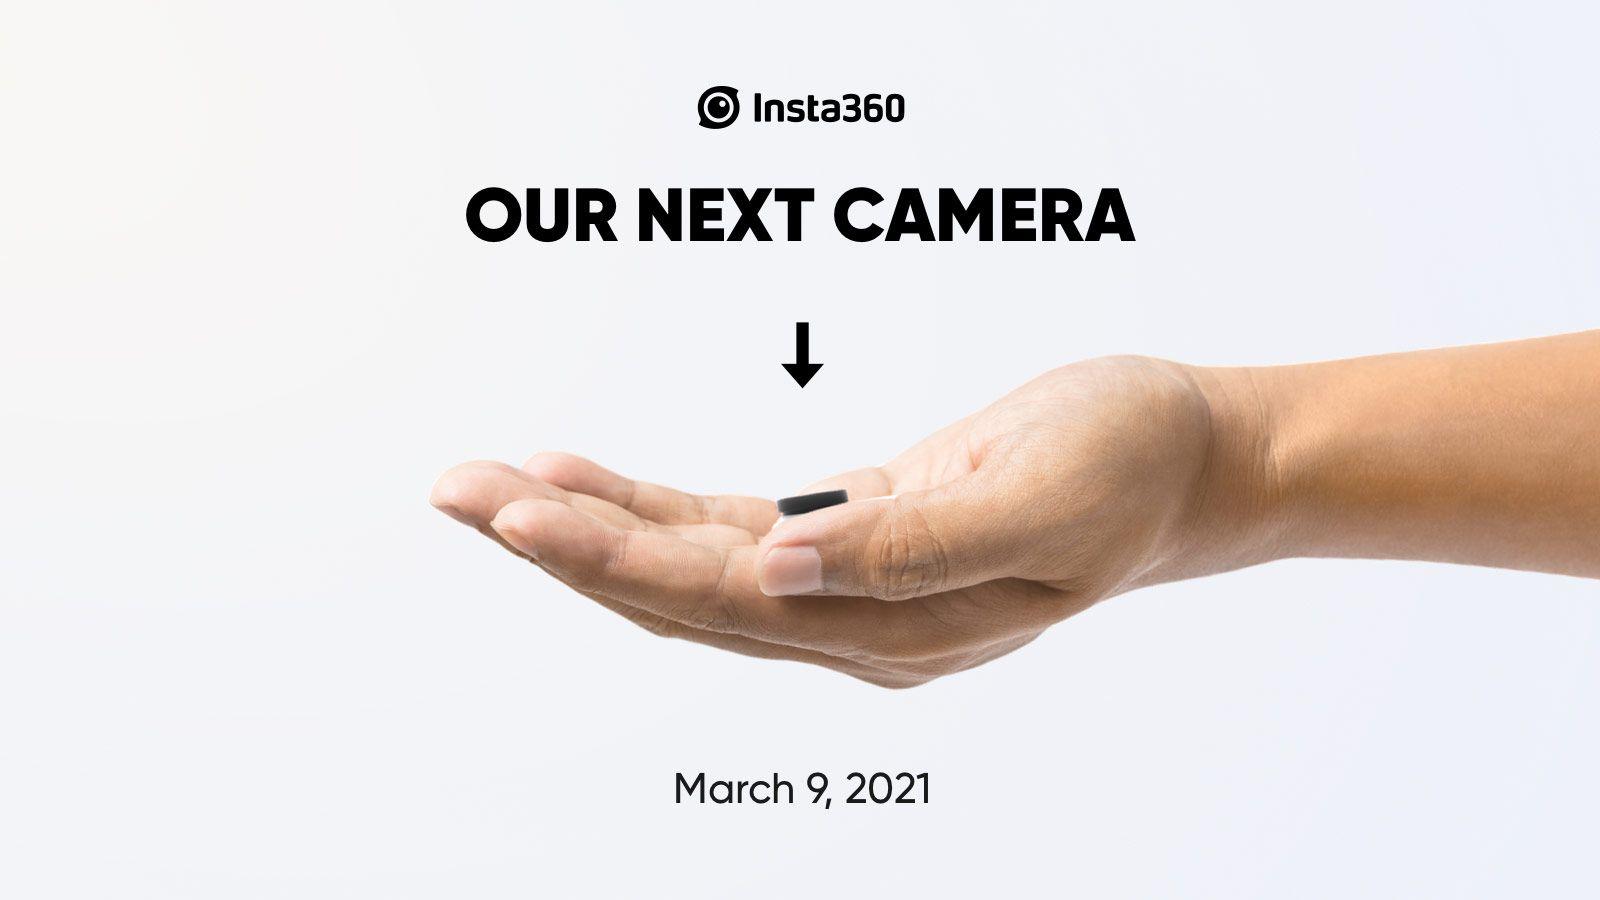 Рекламный баннер новой камеры Insta360